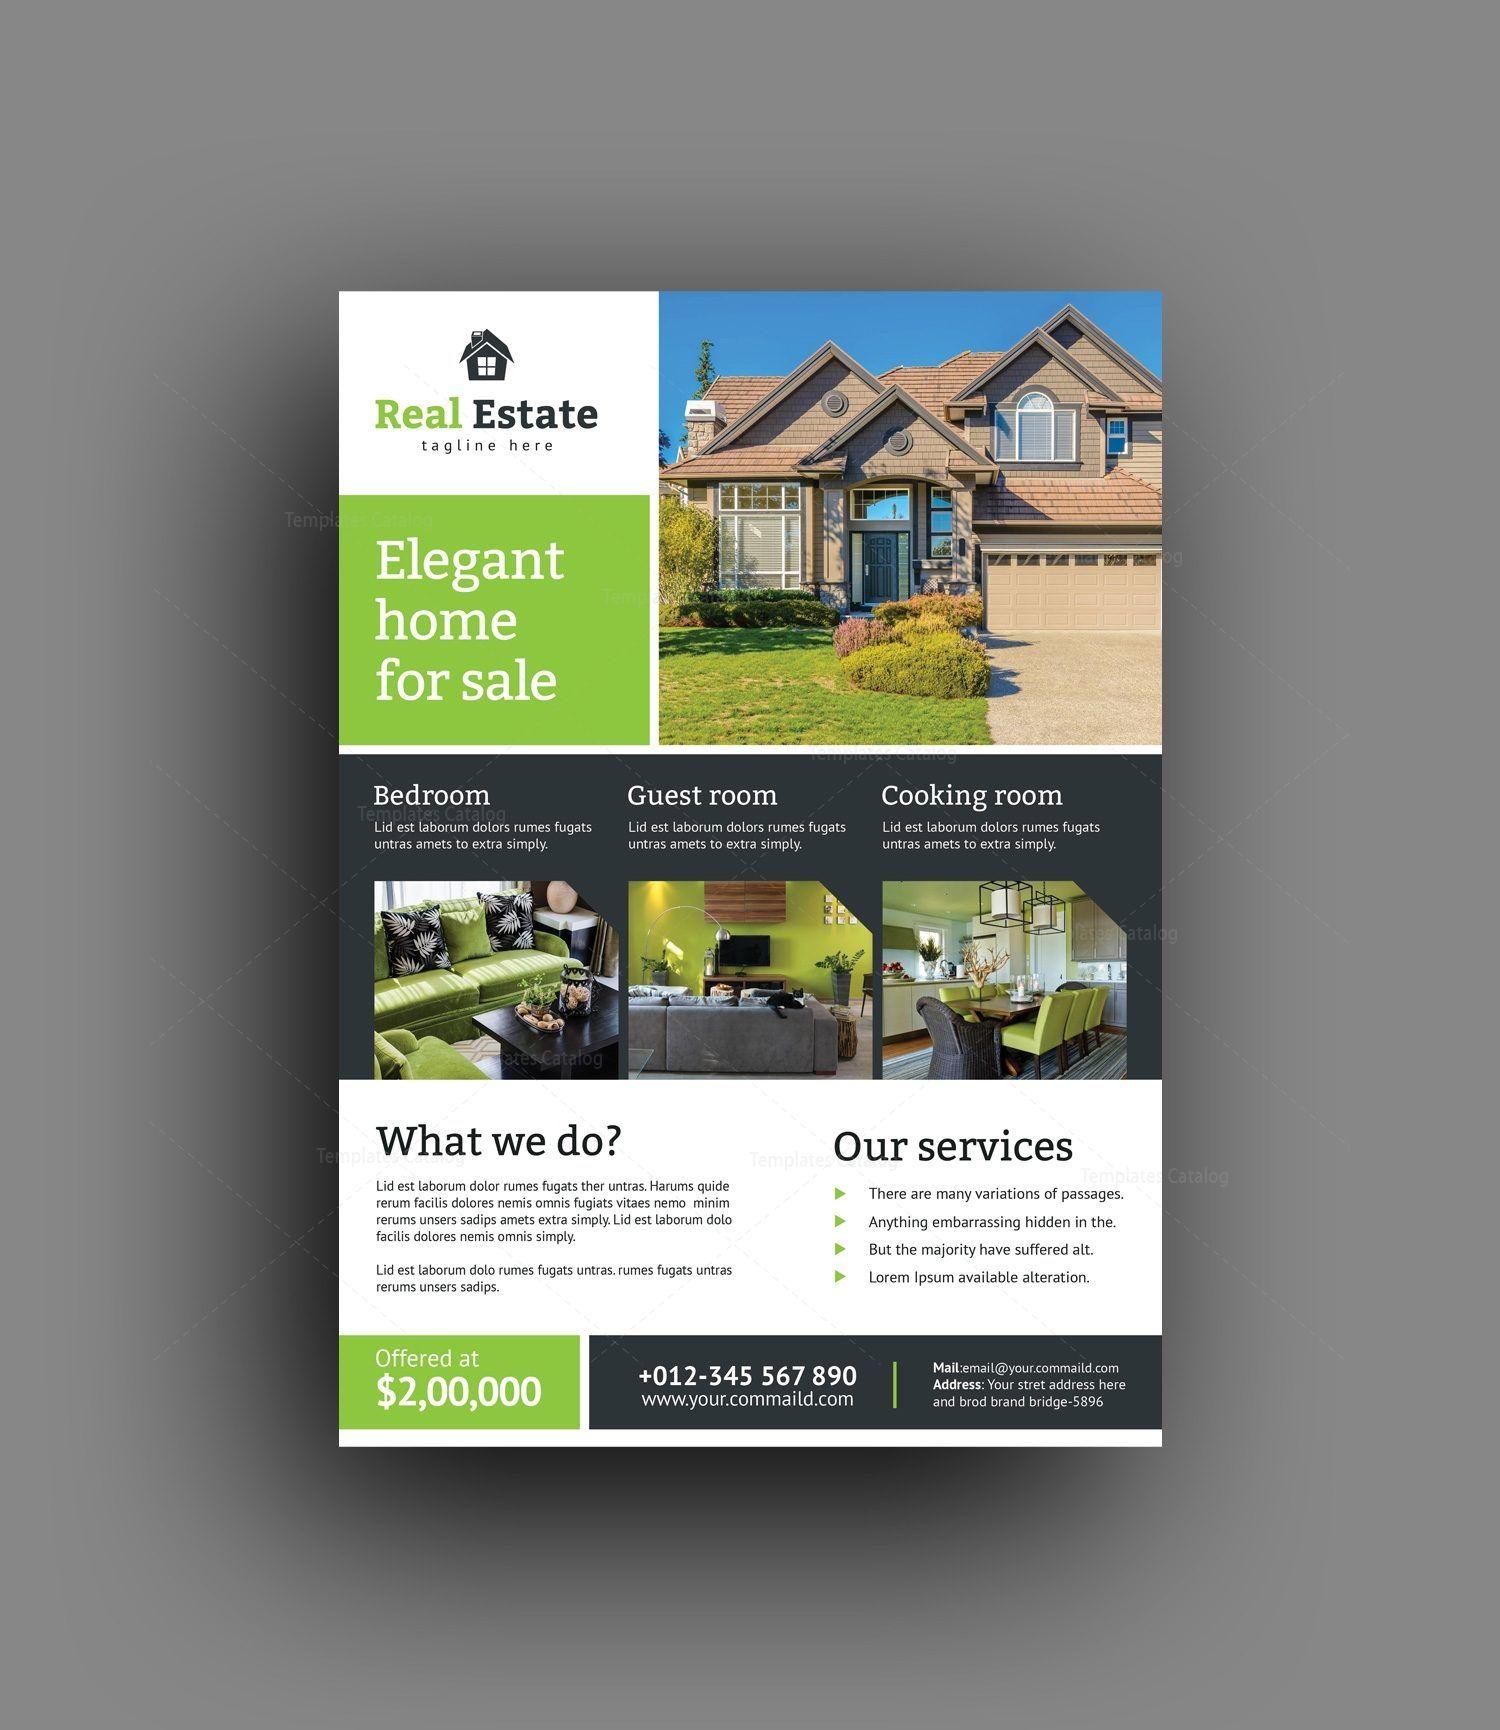 Super Real Estate Flyer Design Template Real Estate Flyers Flyer Design Templates Design Template Real estate flyer template psd